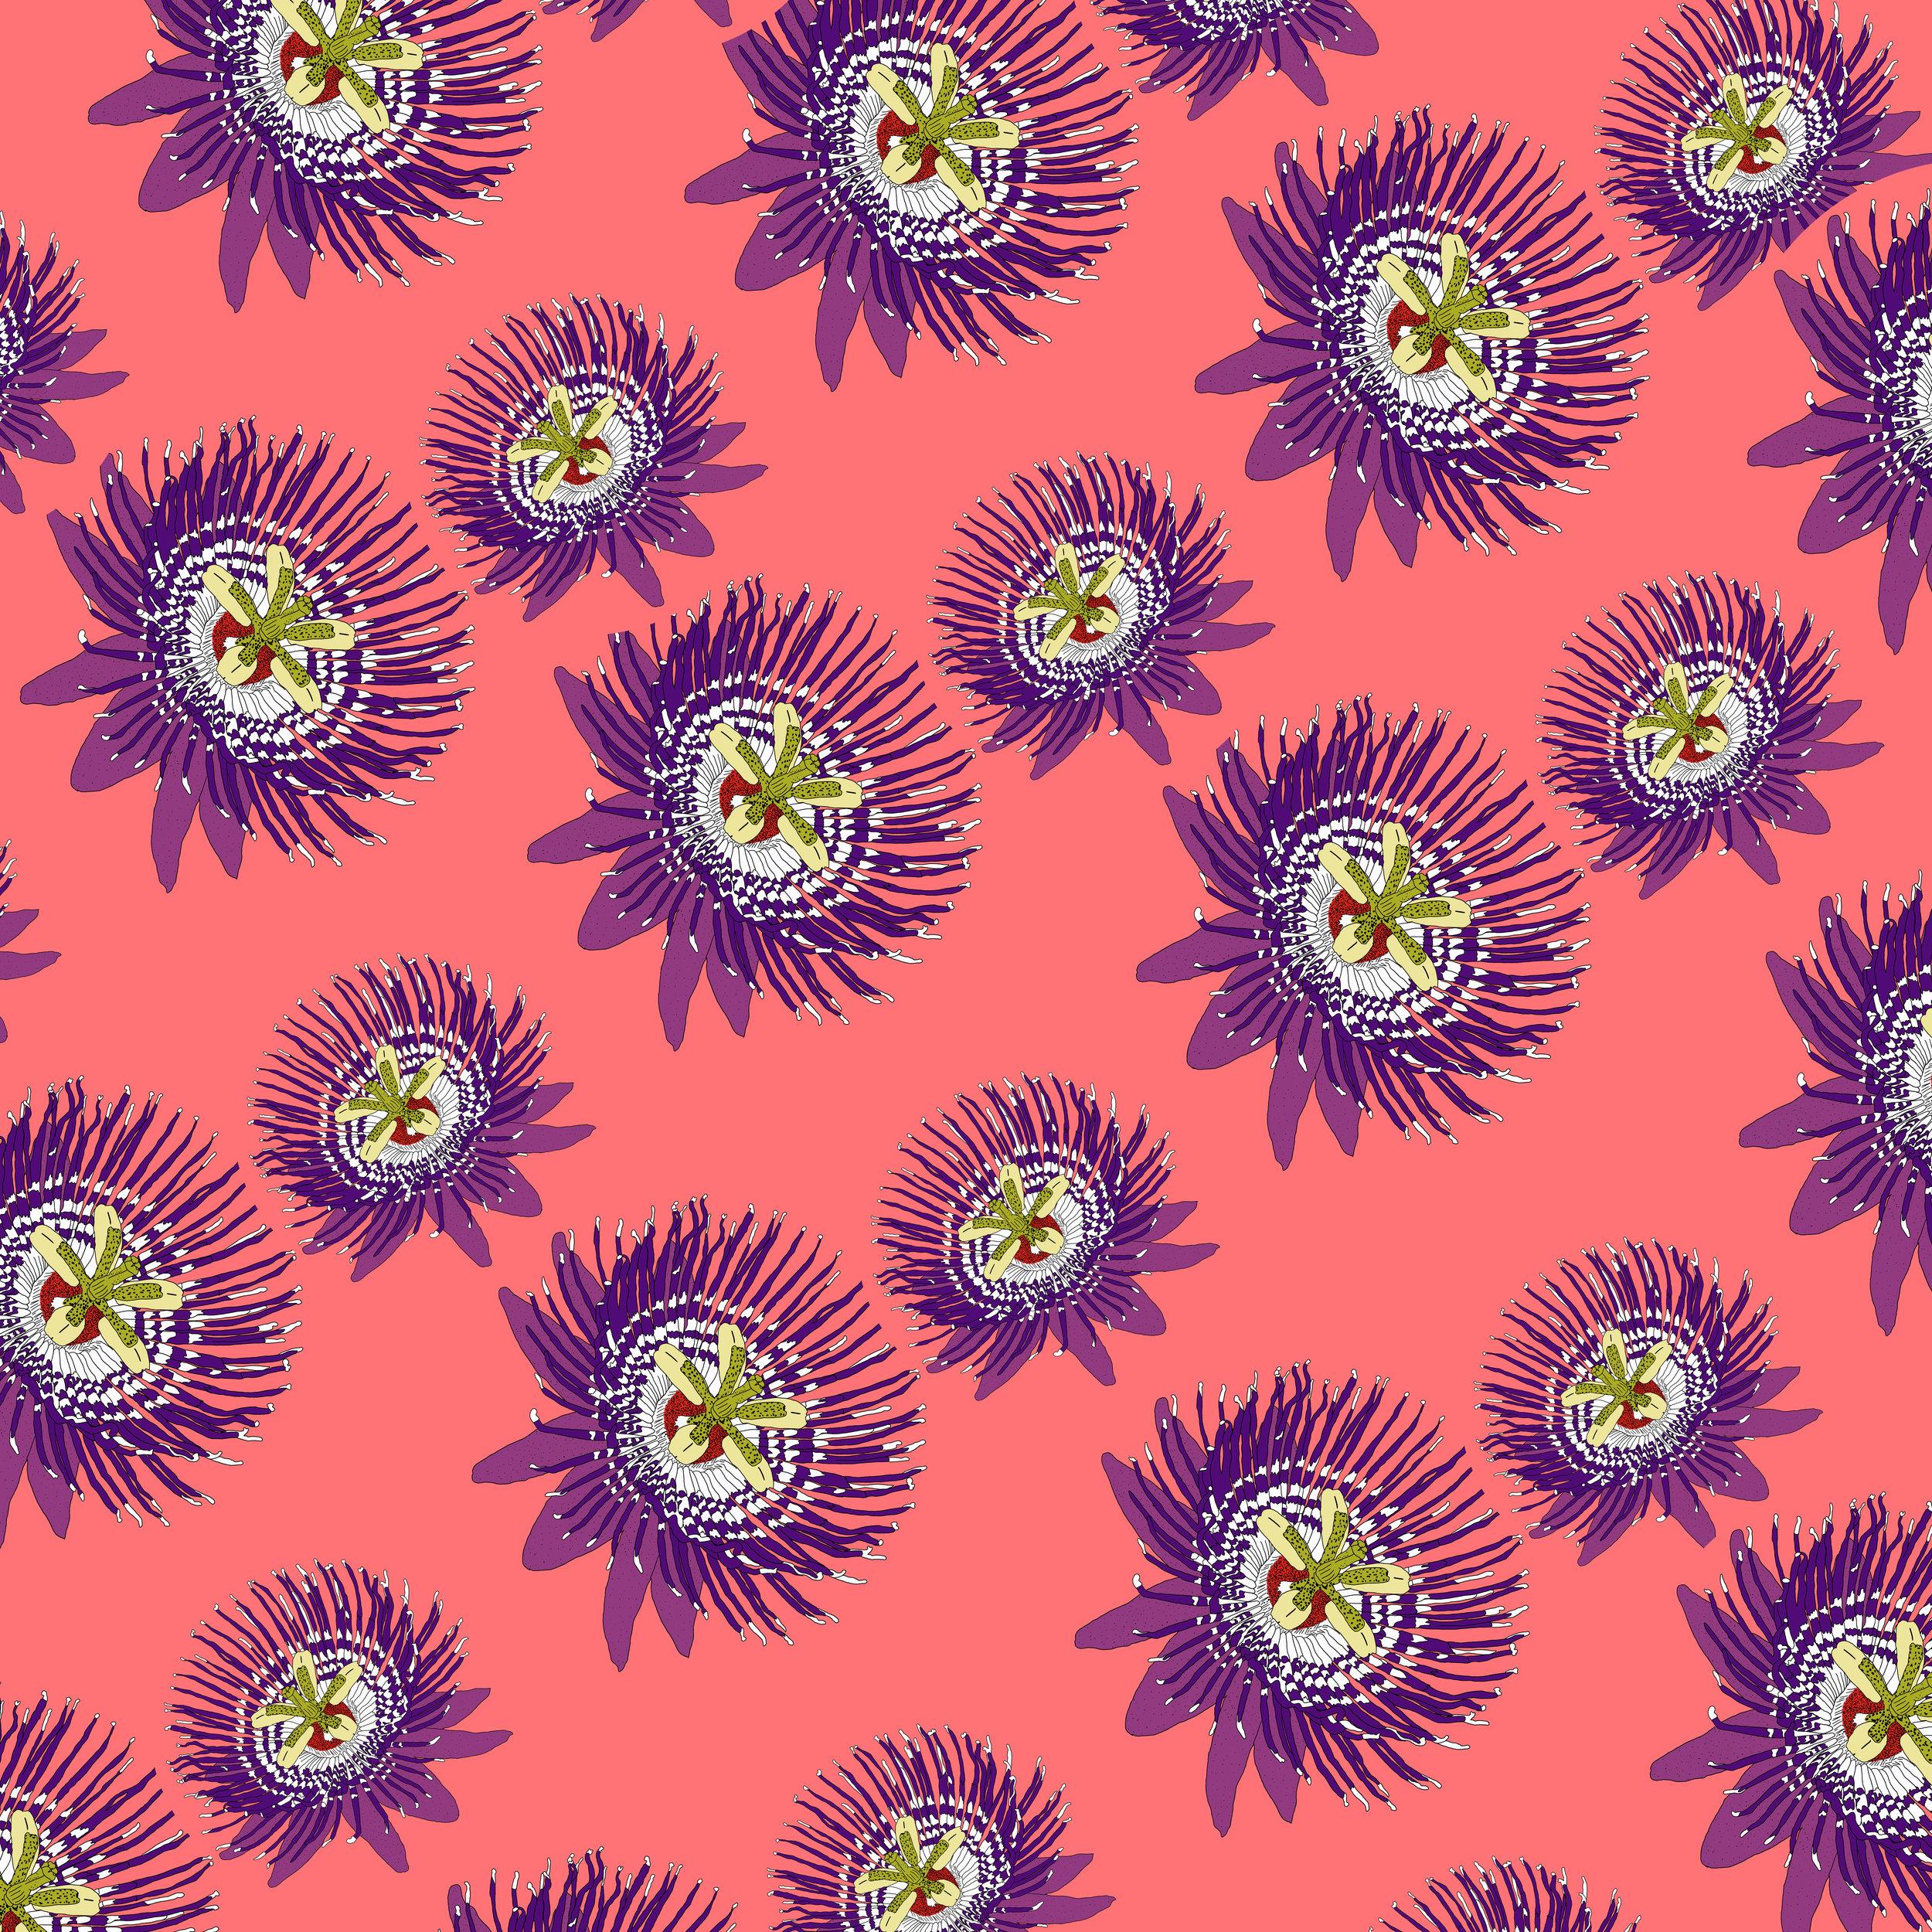 23_Flowers.jpg